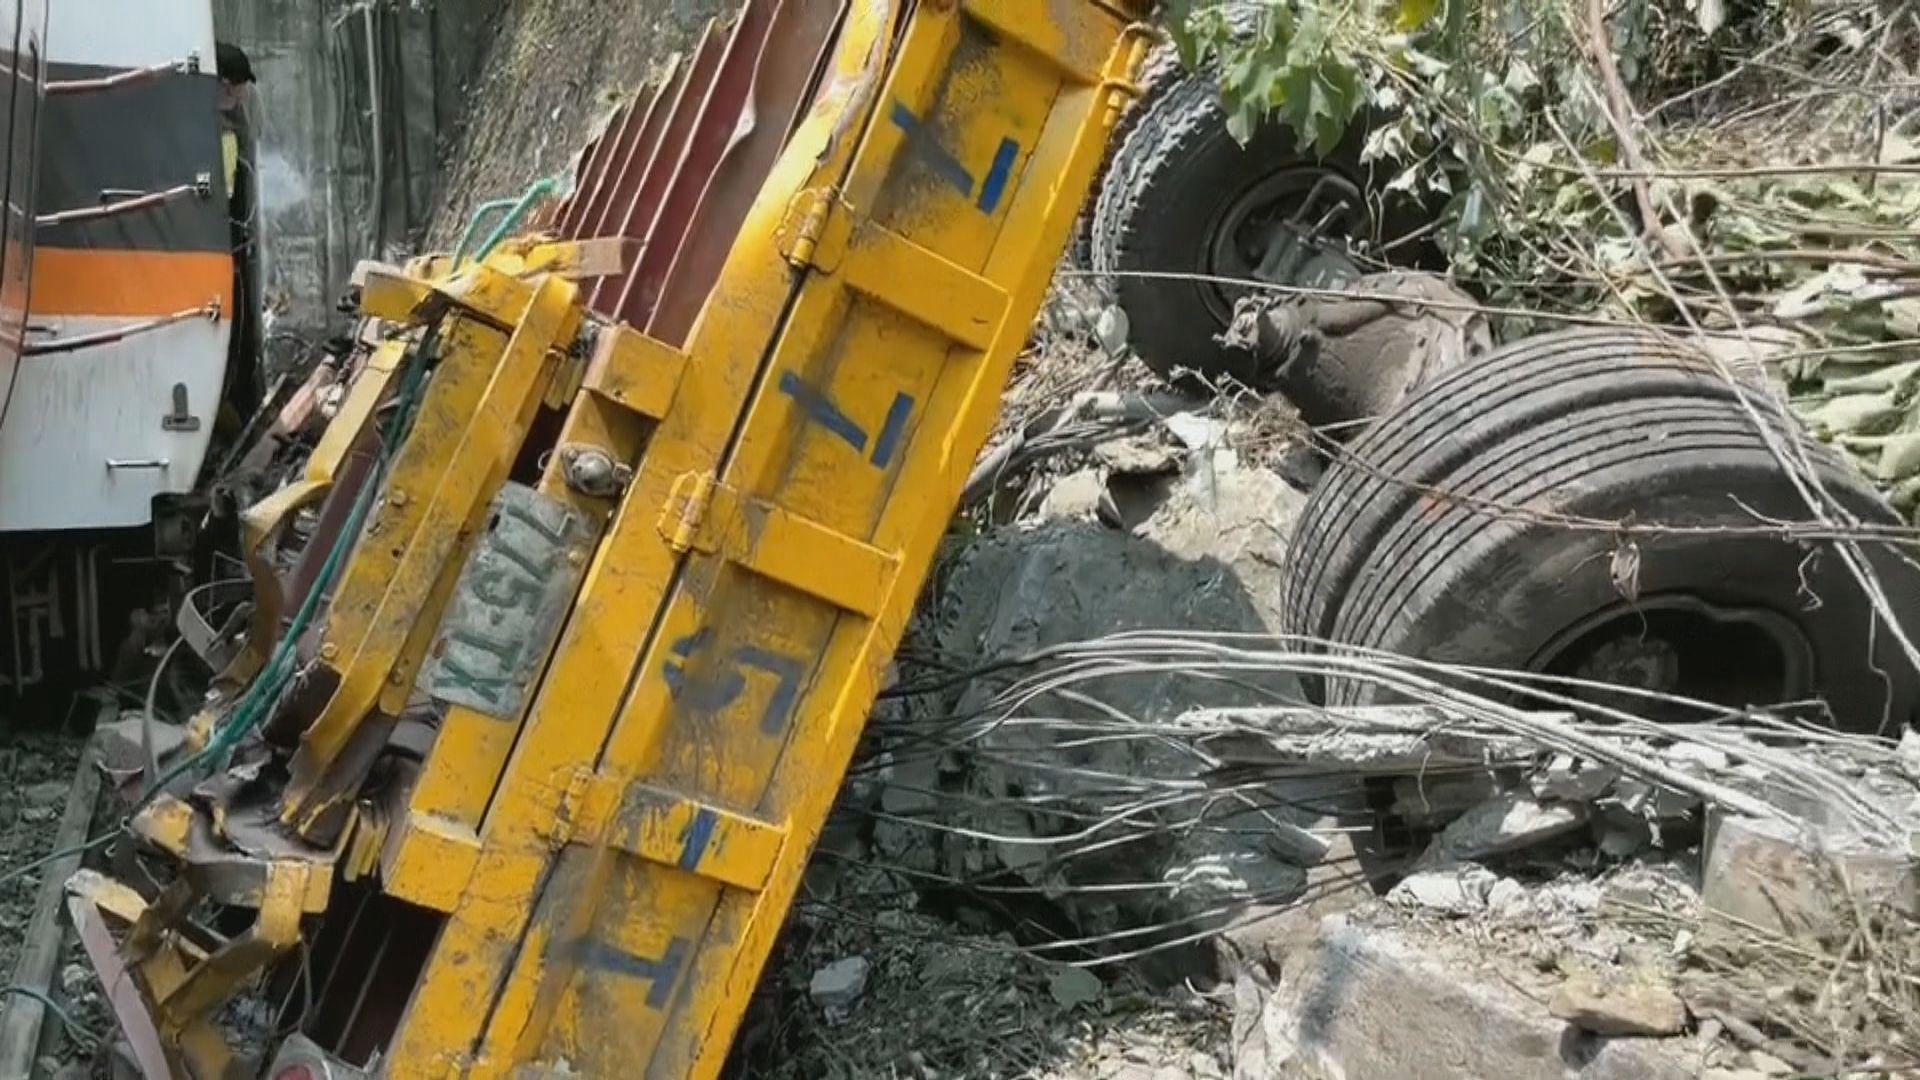 台鐵列車花蓮隧道出軌 疑因工程車斜坡滑落撞向列車